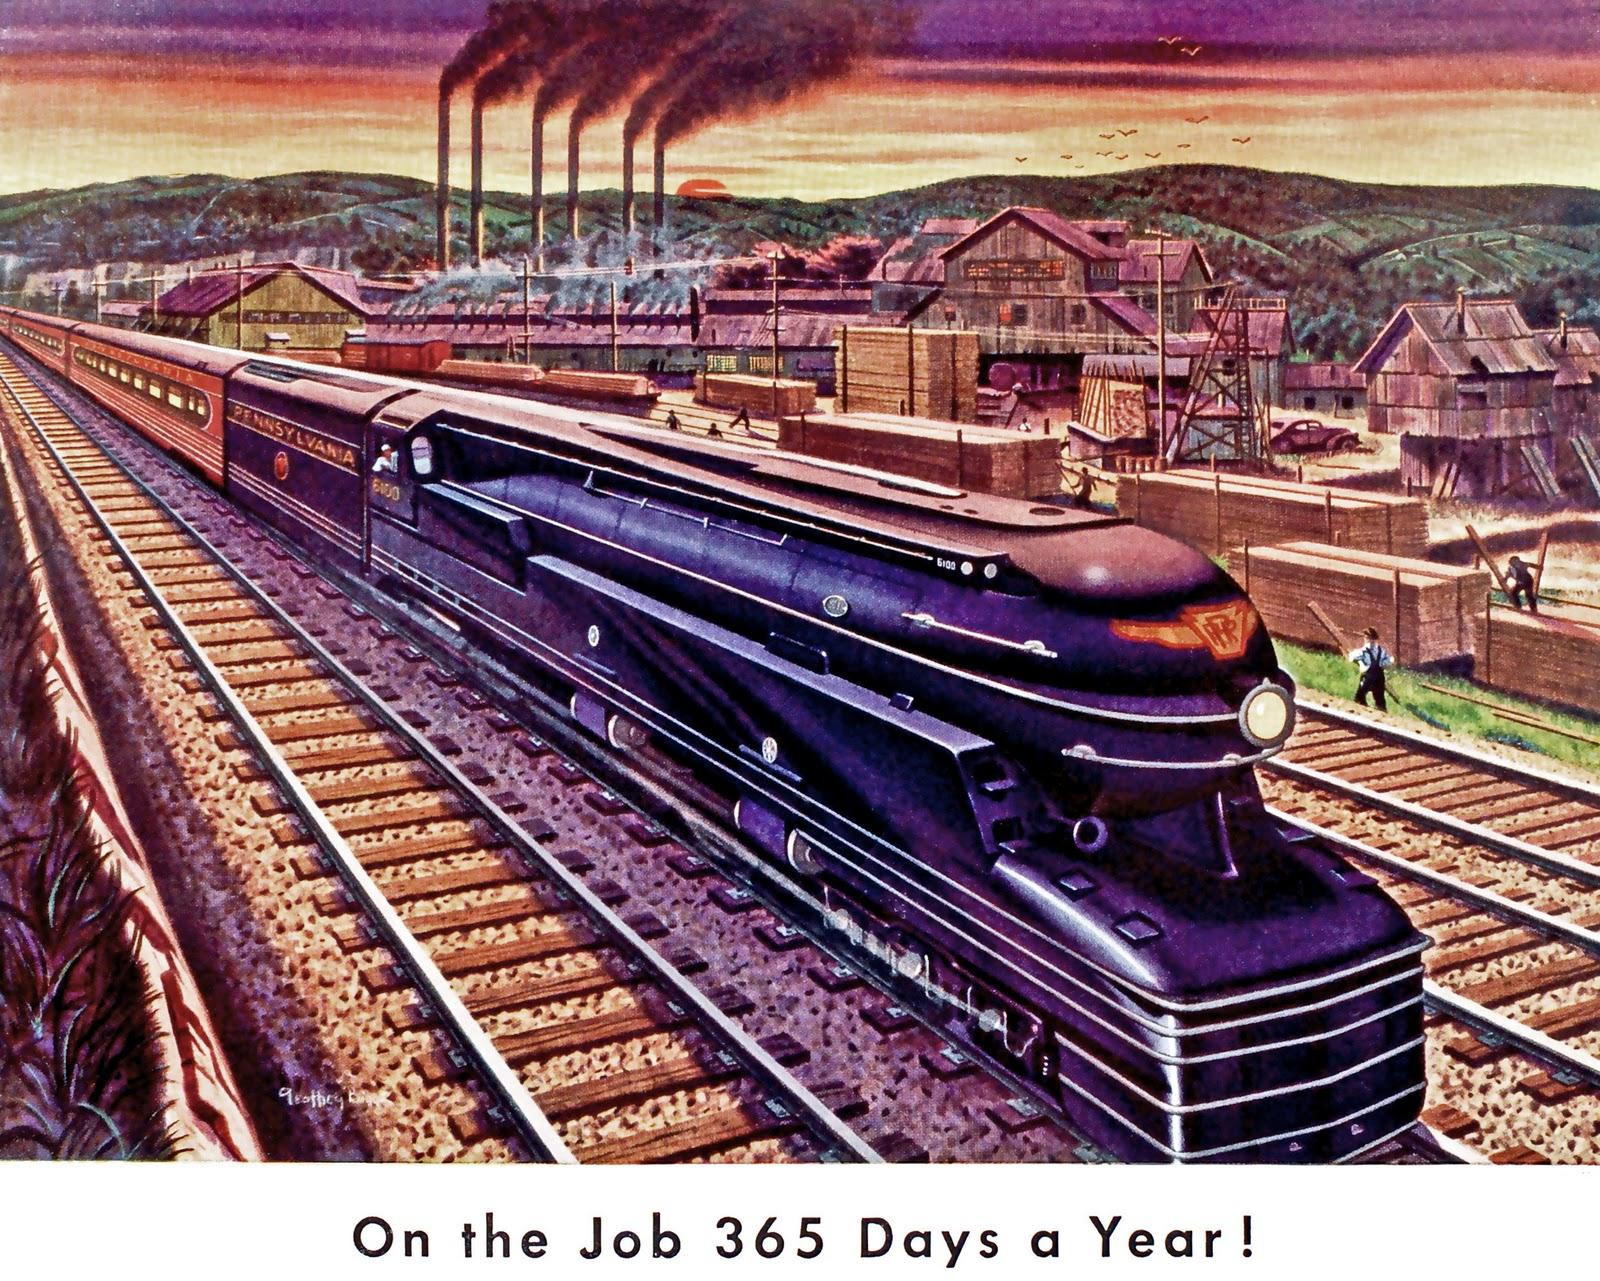 transpress nz Pennsylvania Railroad art 1940s